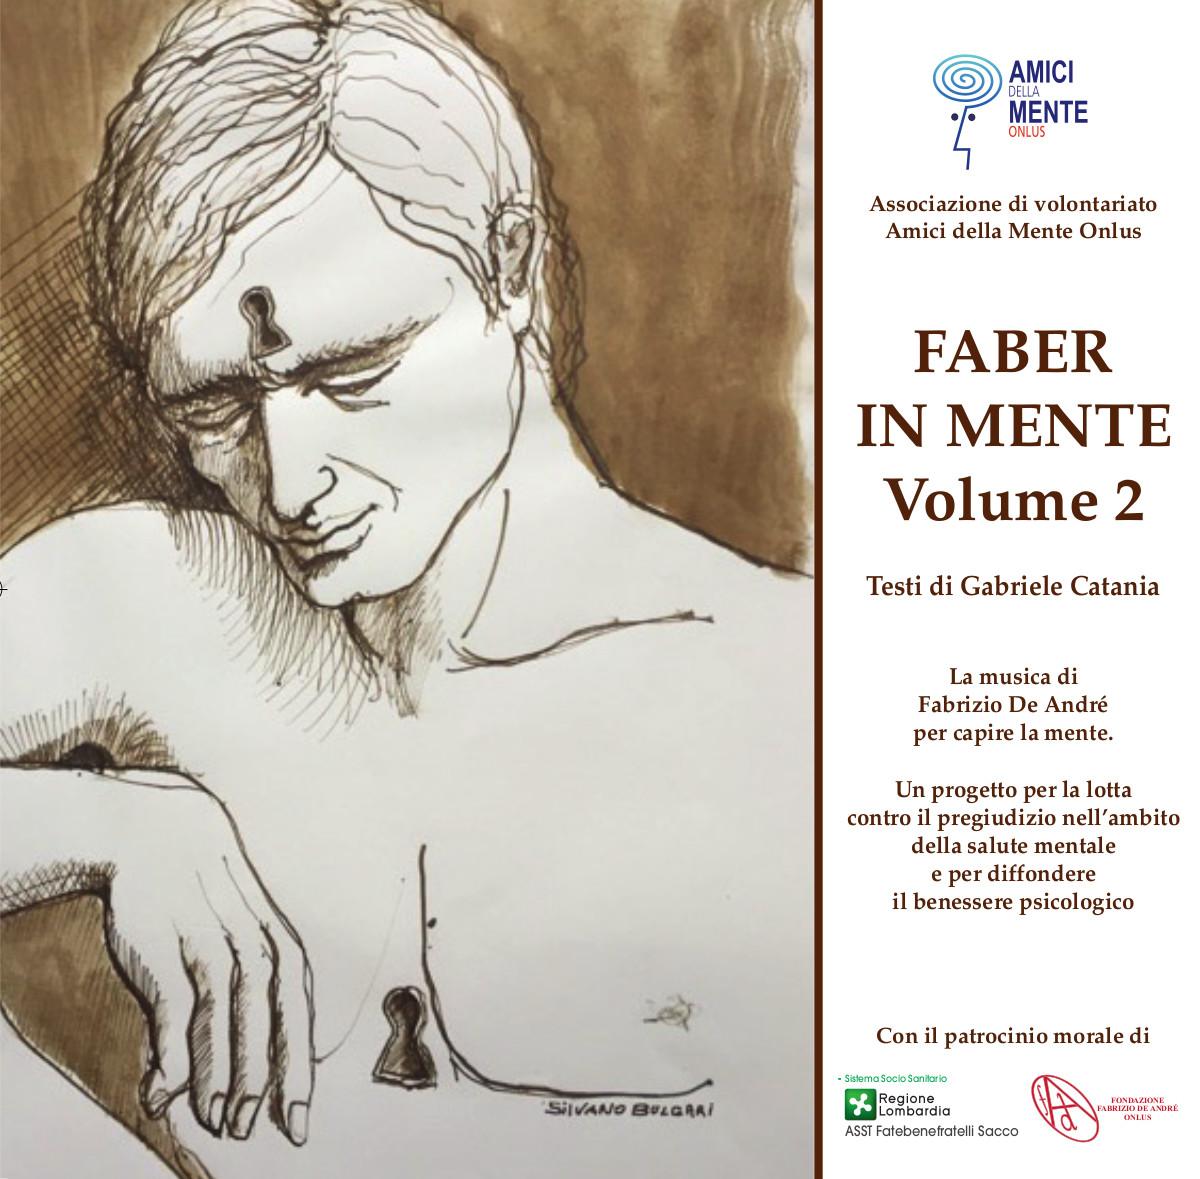 Presentazione Del Cd Faber In Mente Vol 2 Amici Della